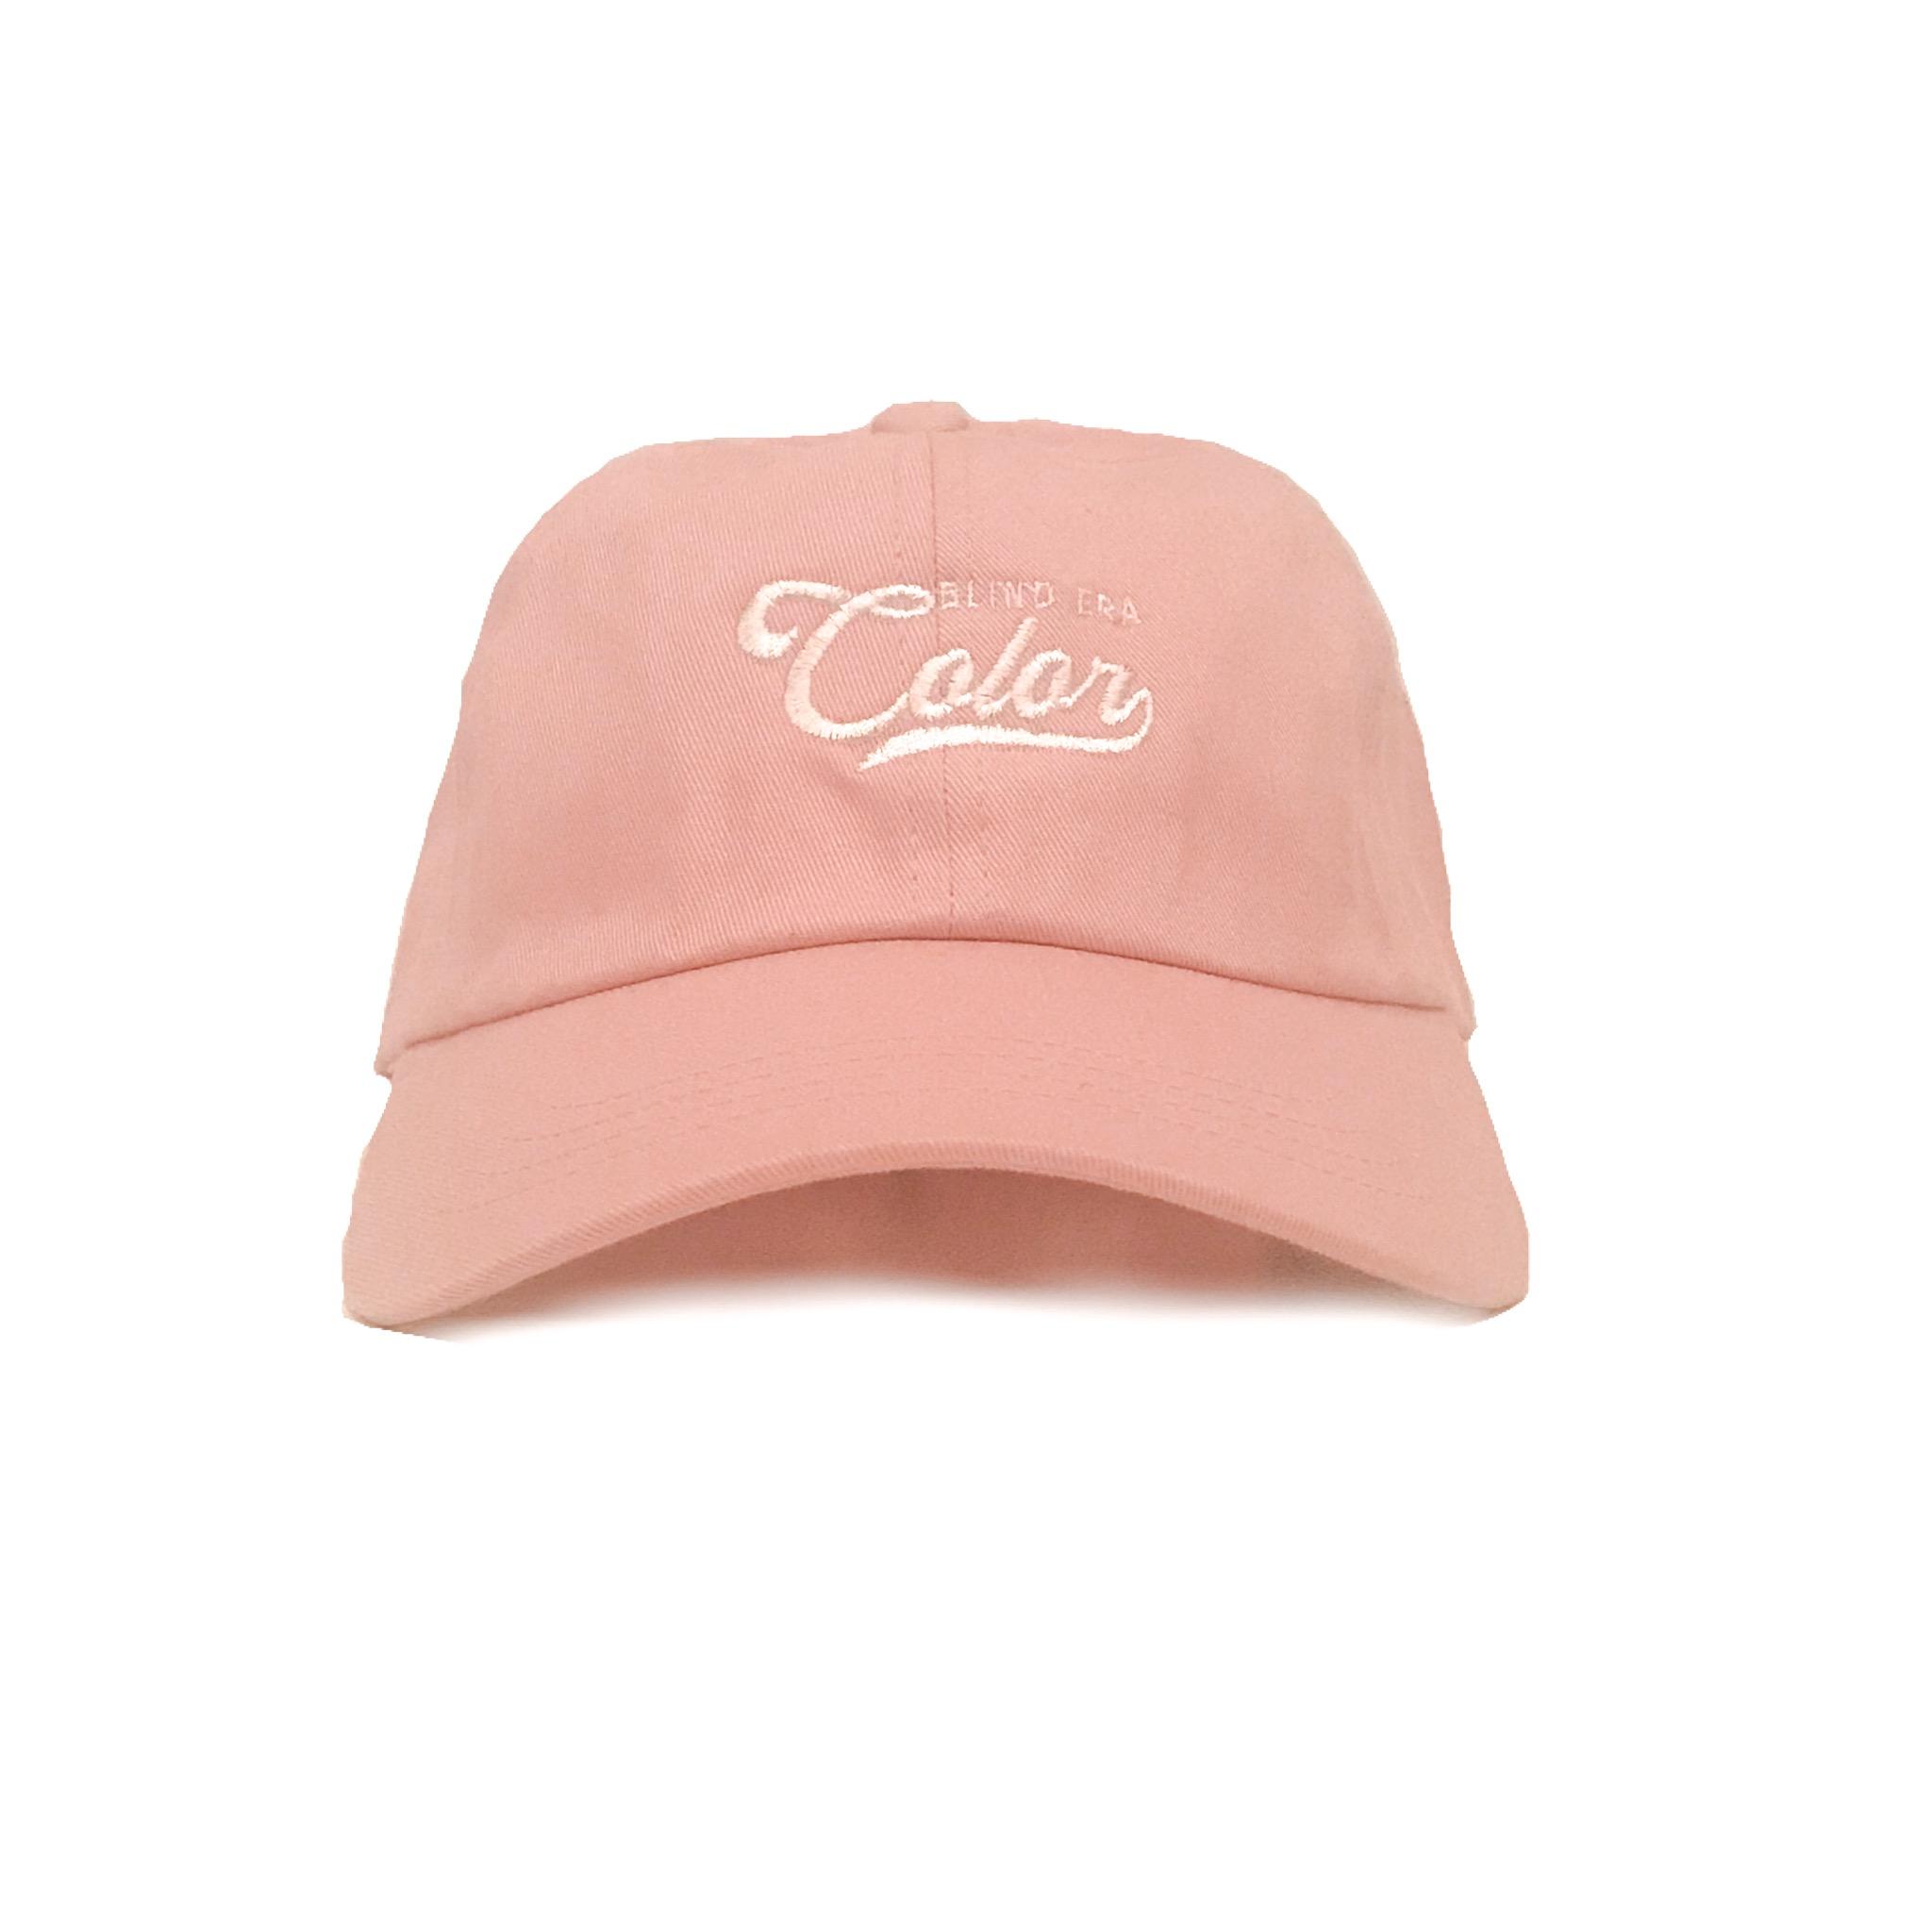 Fall 2018 pink dad cap on Storenvy c666f4af0fd